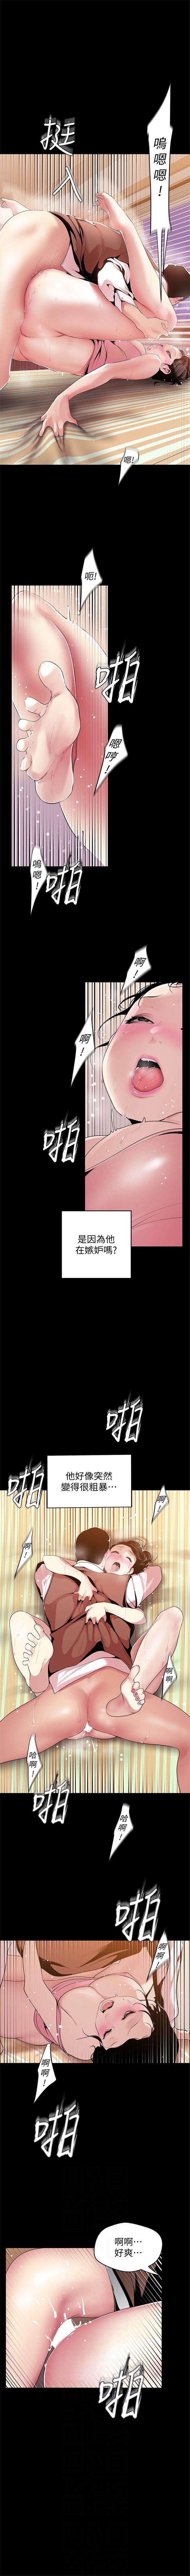 美麗新世界 1-85 官方中文(連載中) 393